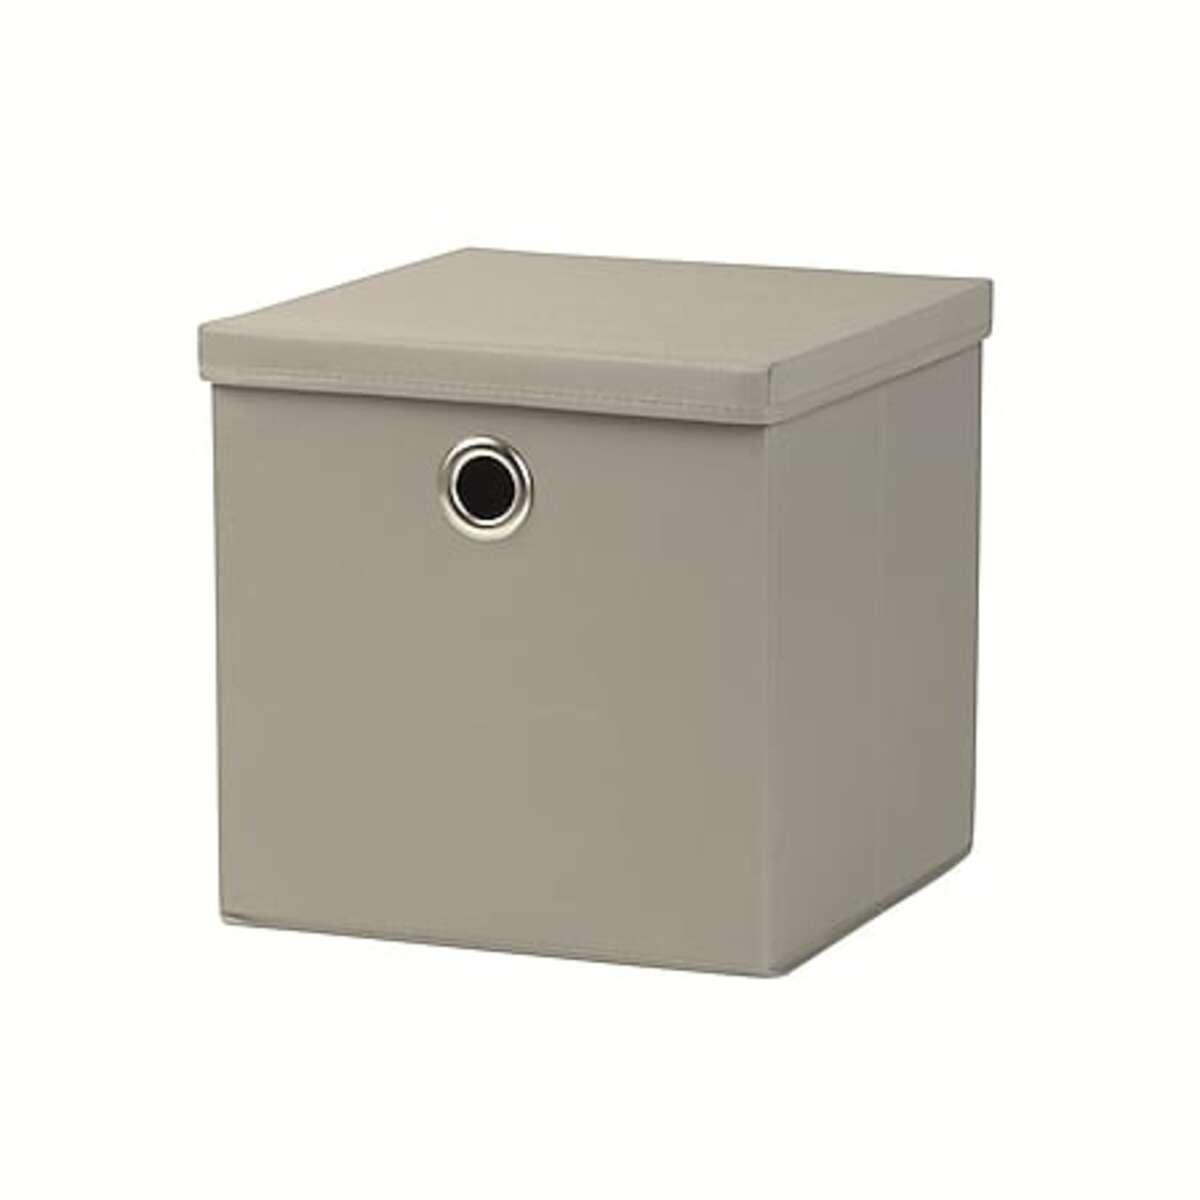 Bild 1 von Dekor Aufbewahrungsbox - versch. Farben - grau